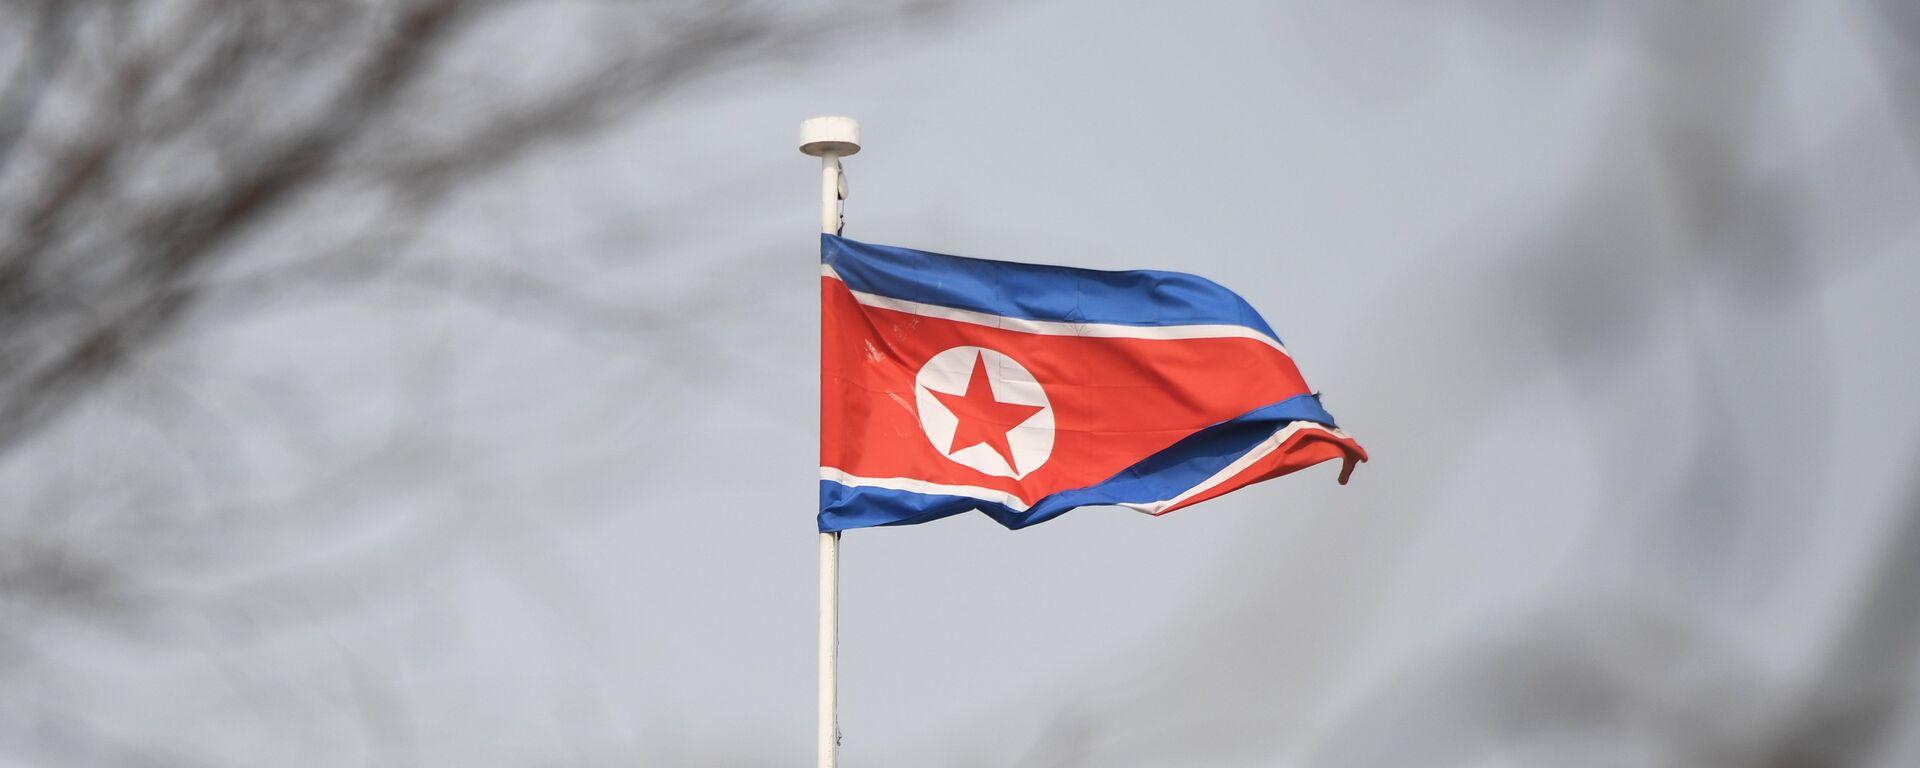 Σημαία της Βόρειας Κορέας.  - Sputnik Ελλάδα, 1920, 30.08.2021